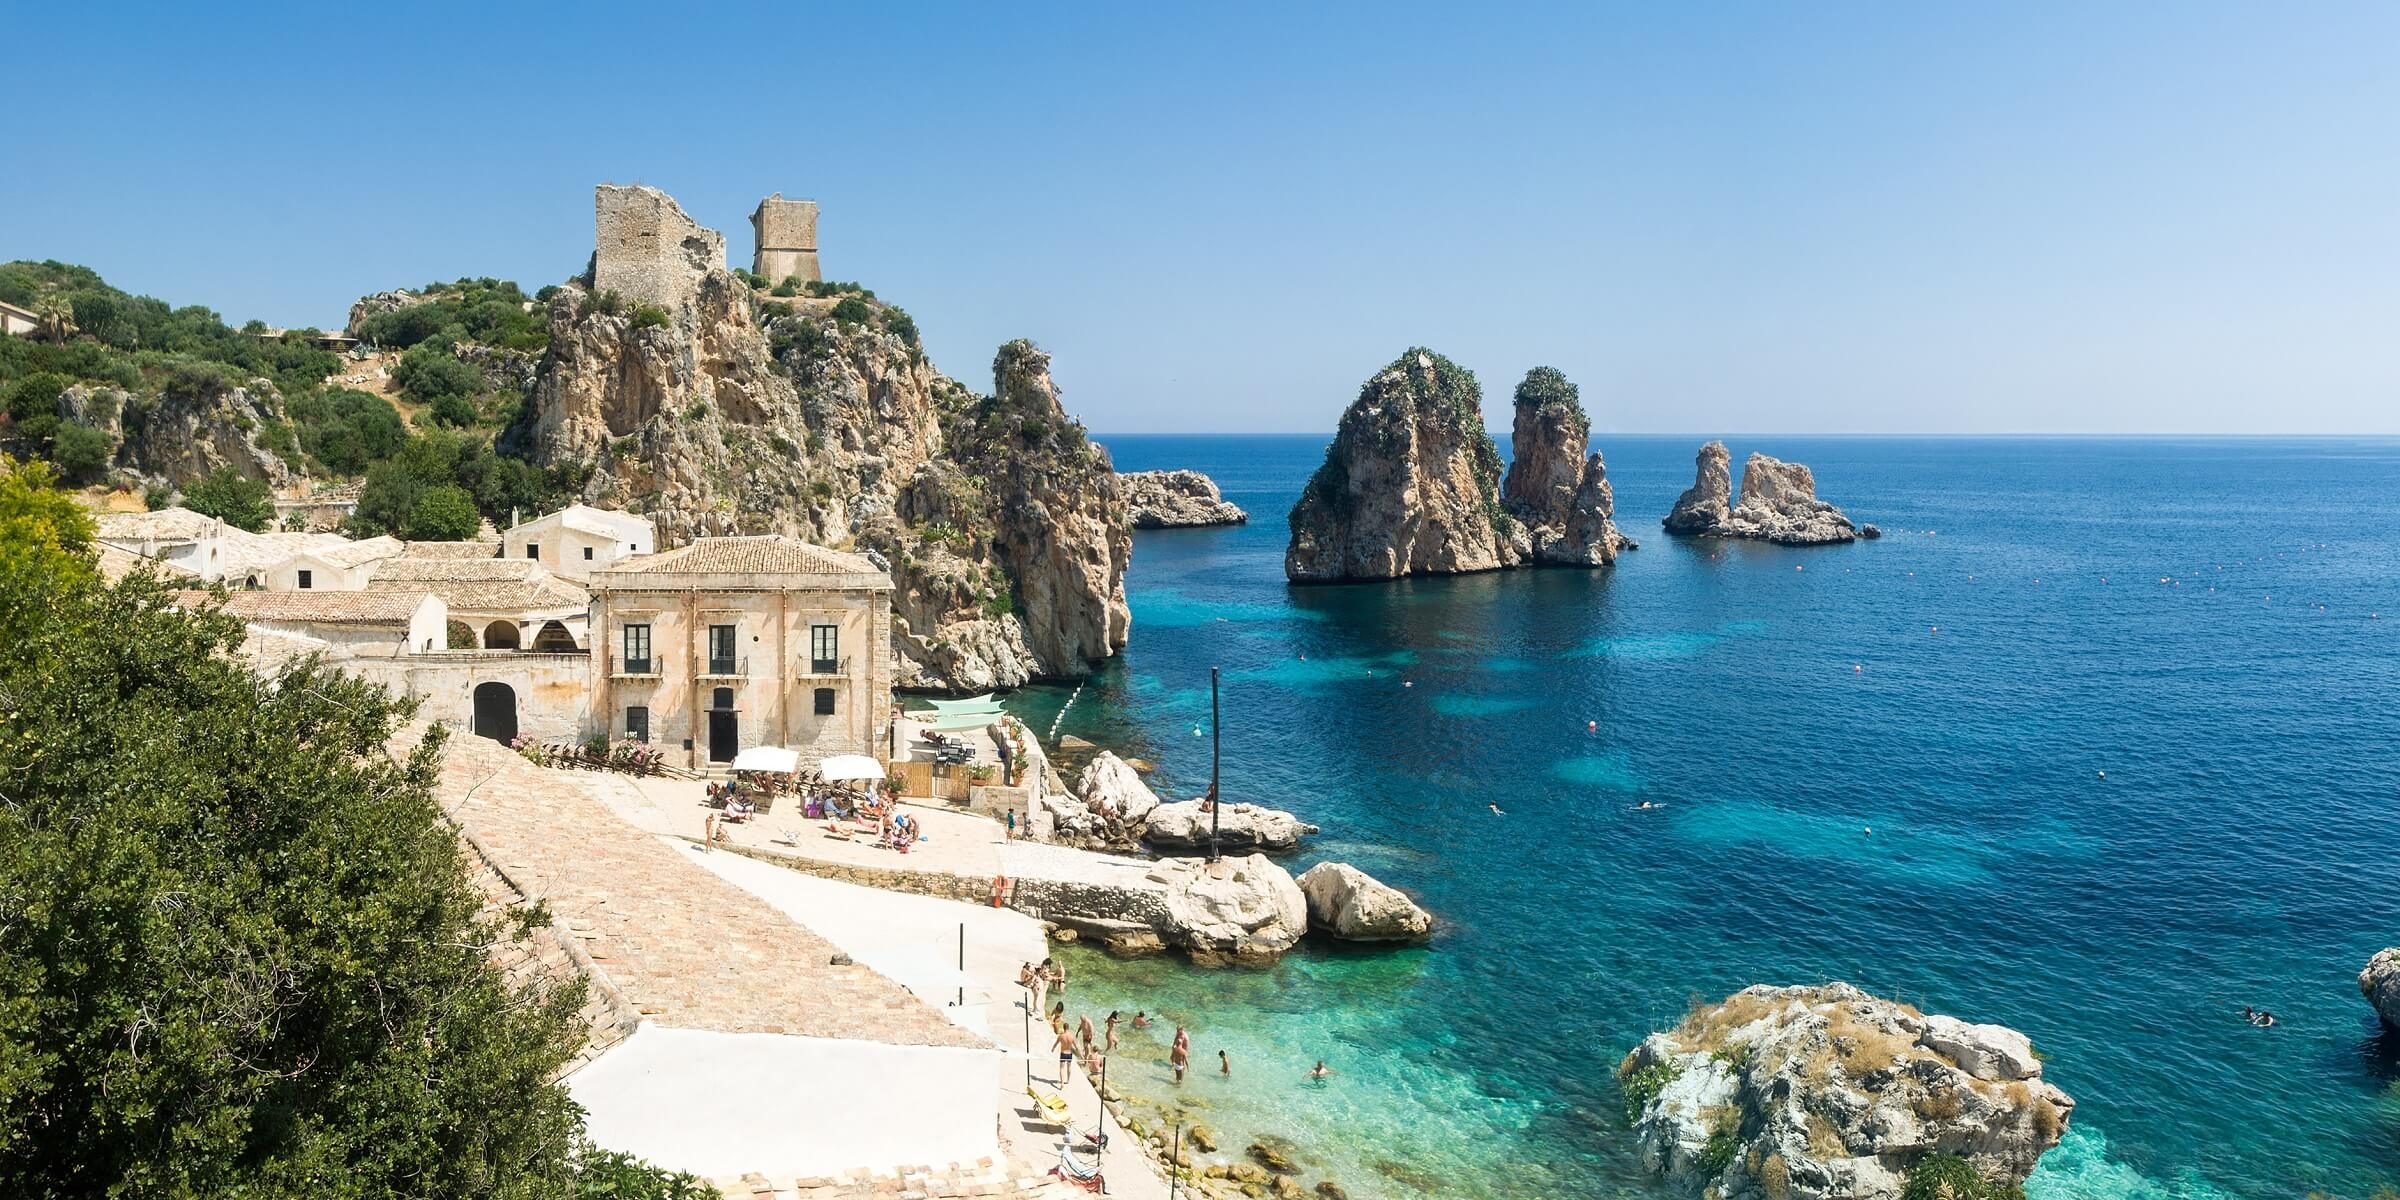 Die kleine aber feine Badebucht von Scopello auf Sizilien